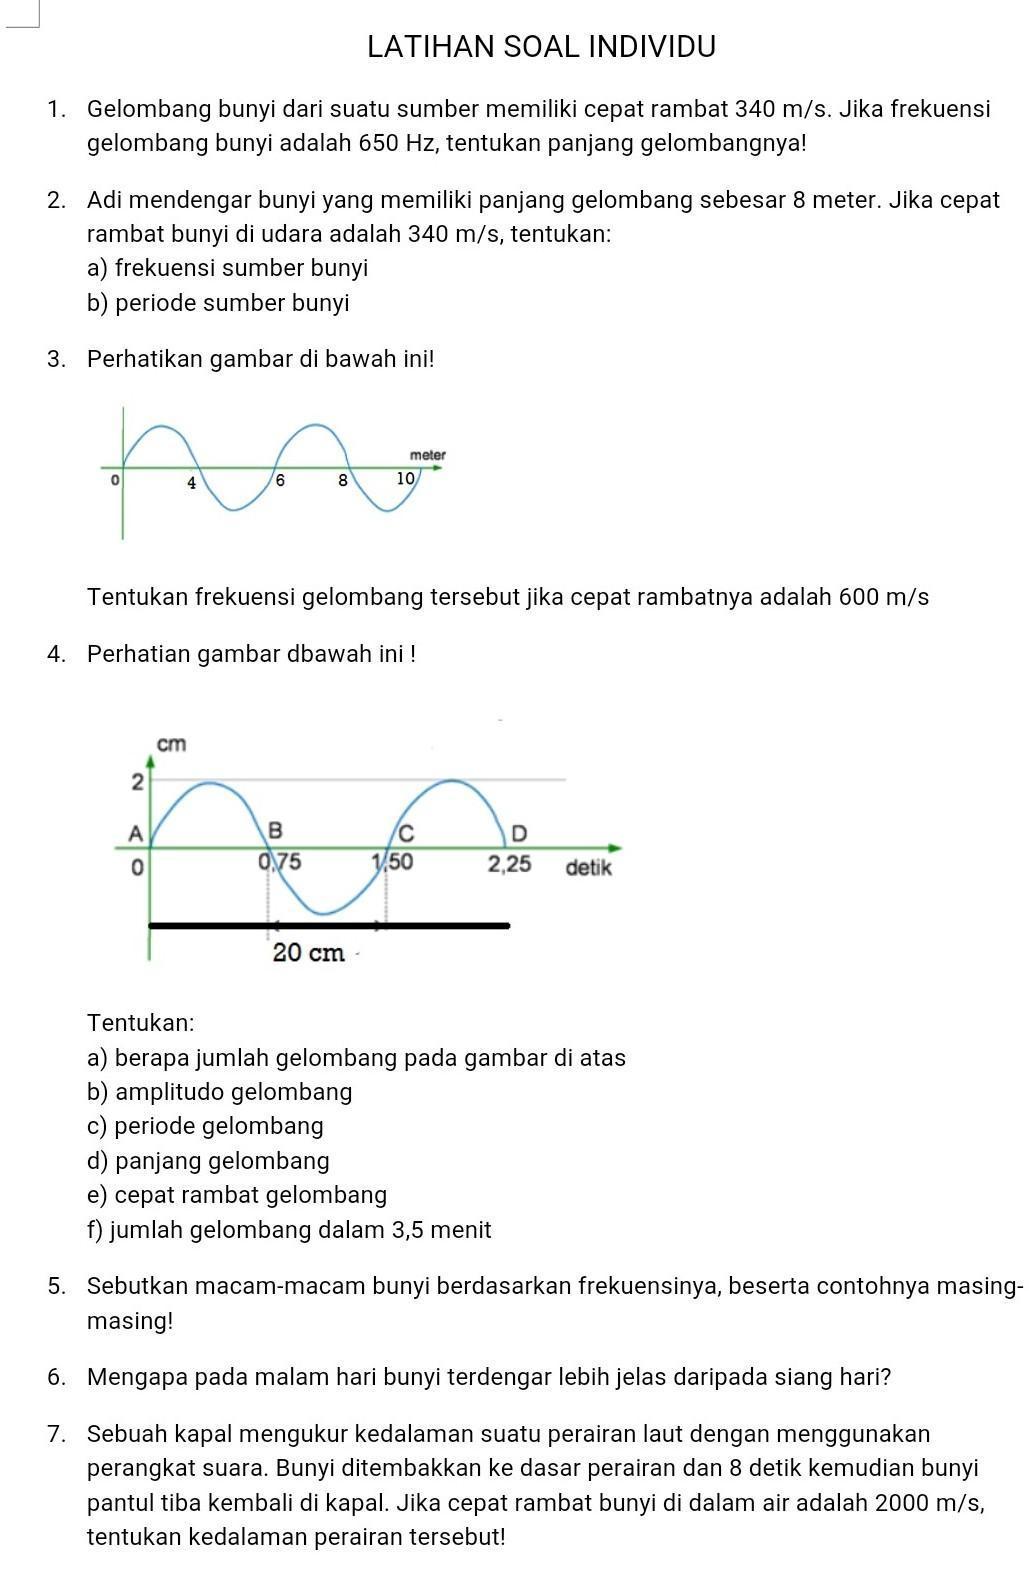 Soal Latihan Ipa Fisika Kelas 8 Bab 10 Semester 2 Kurikulum 2013